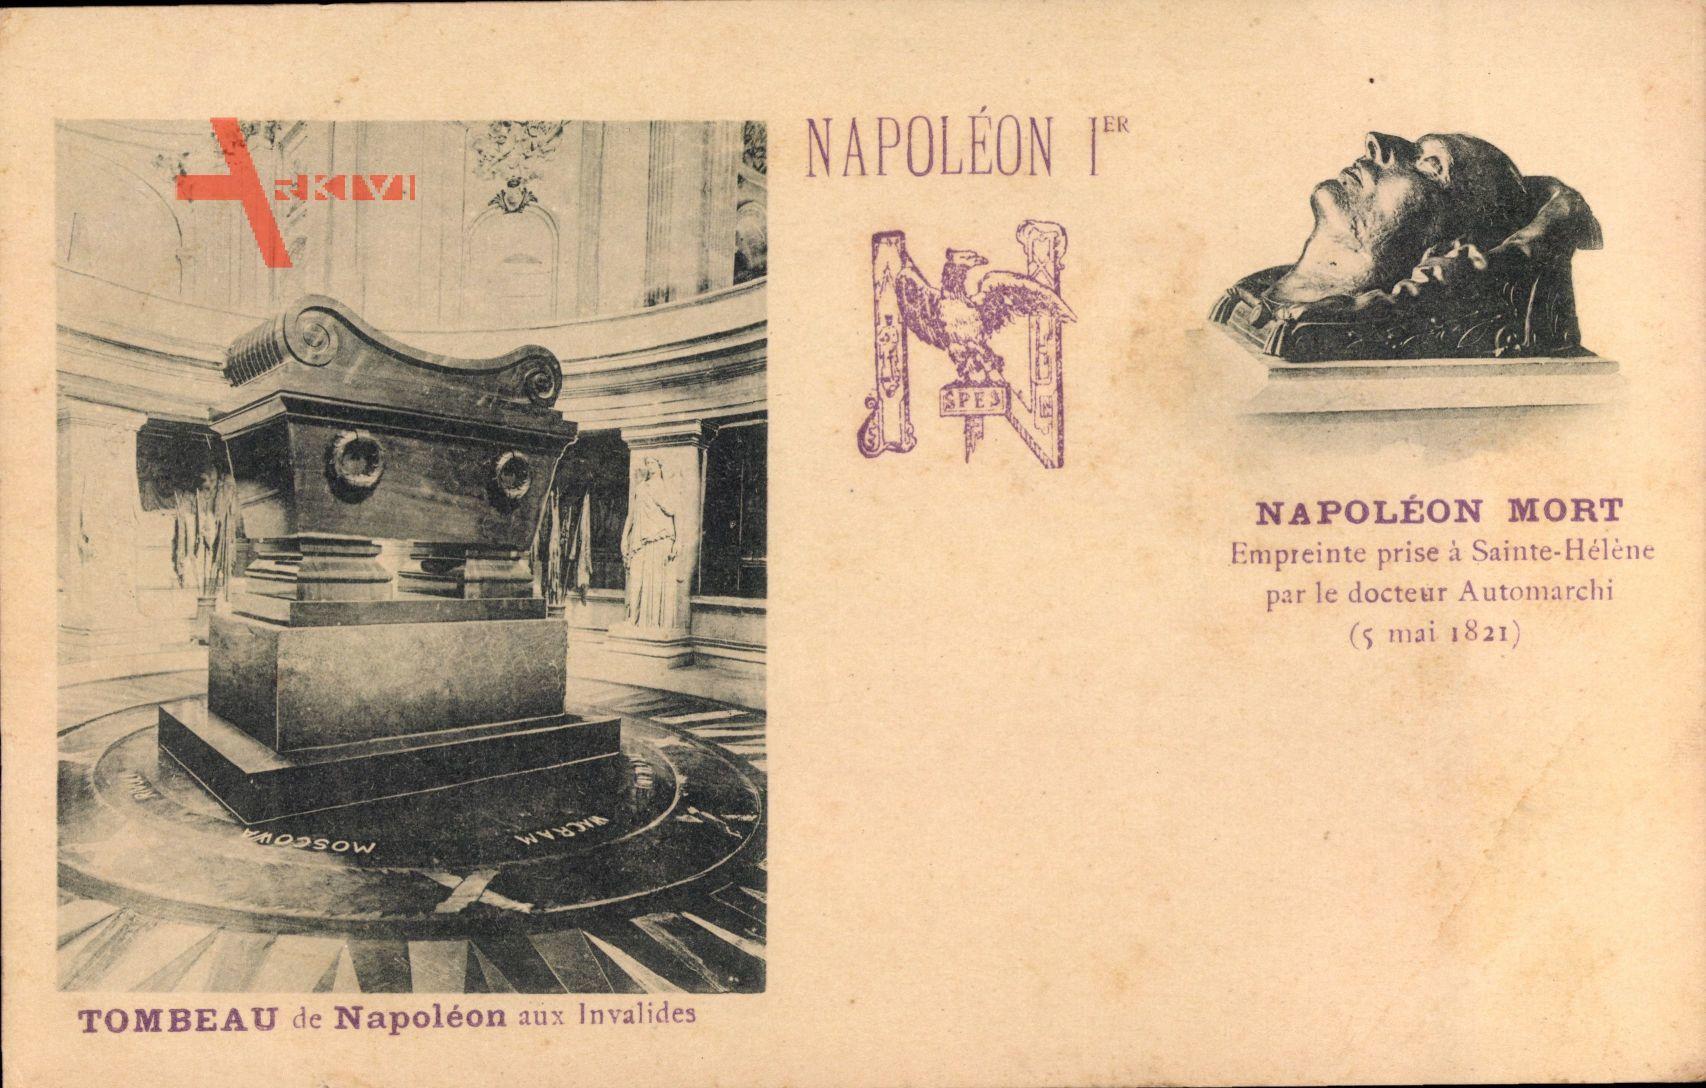 Napoleon Ier, Tombeau aux Invalides, Mort, Empreinte par Automarchi